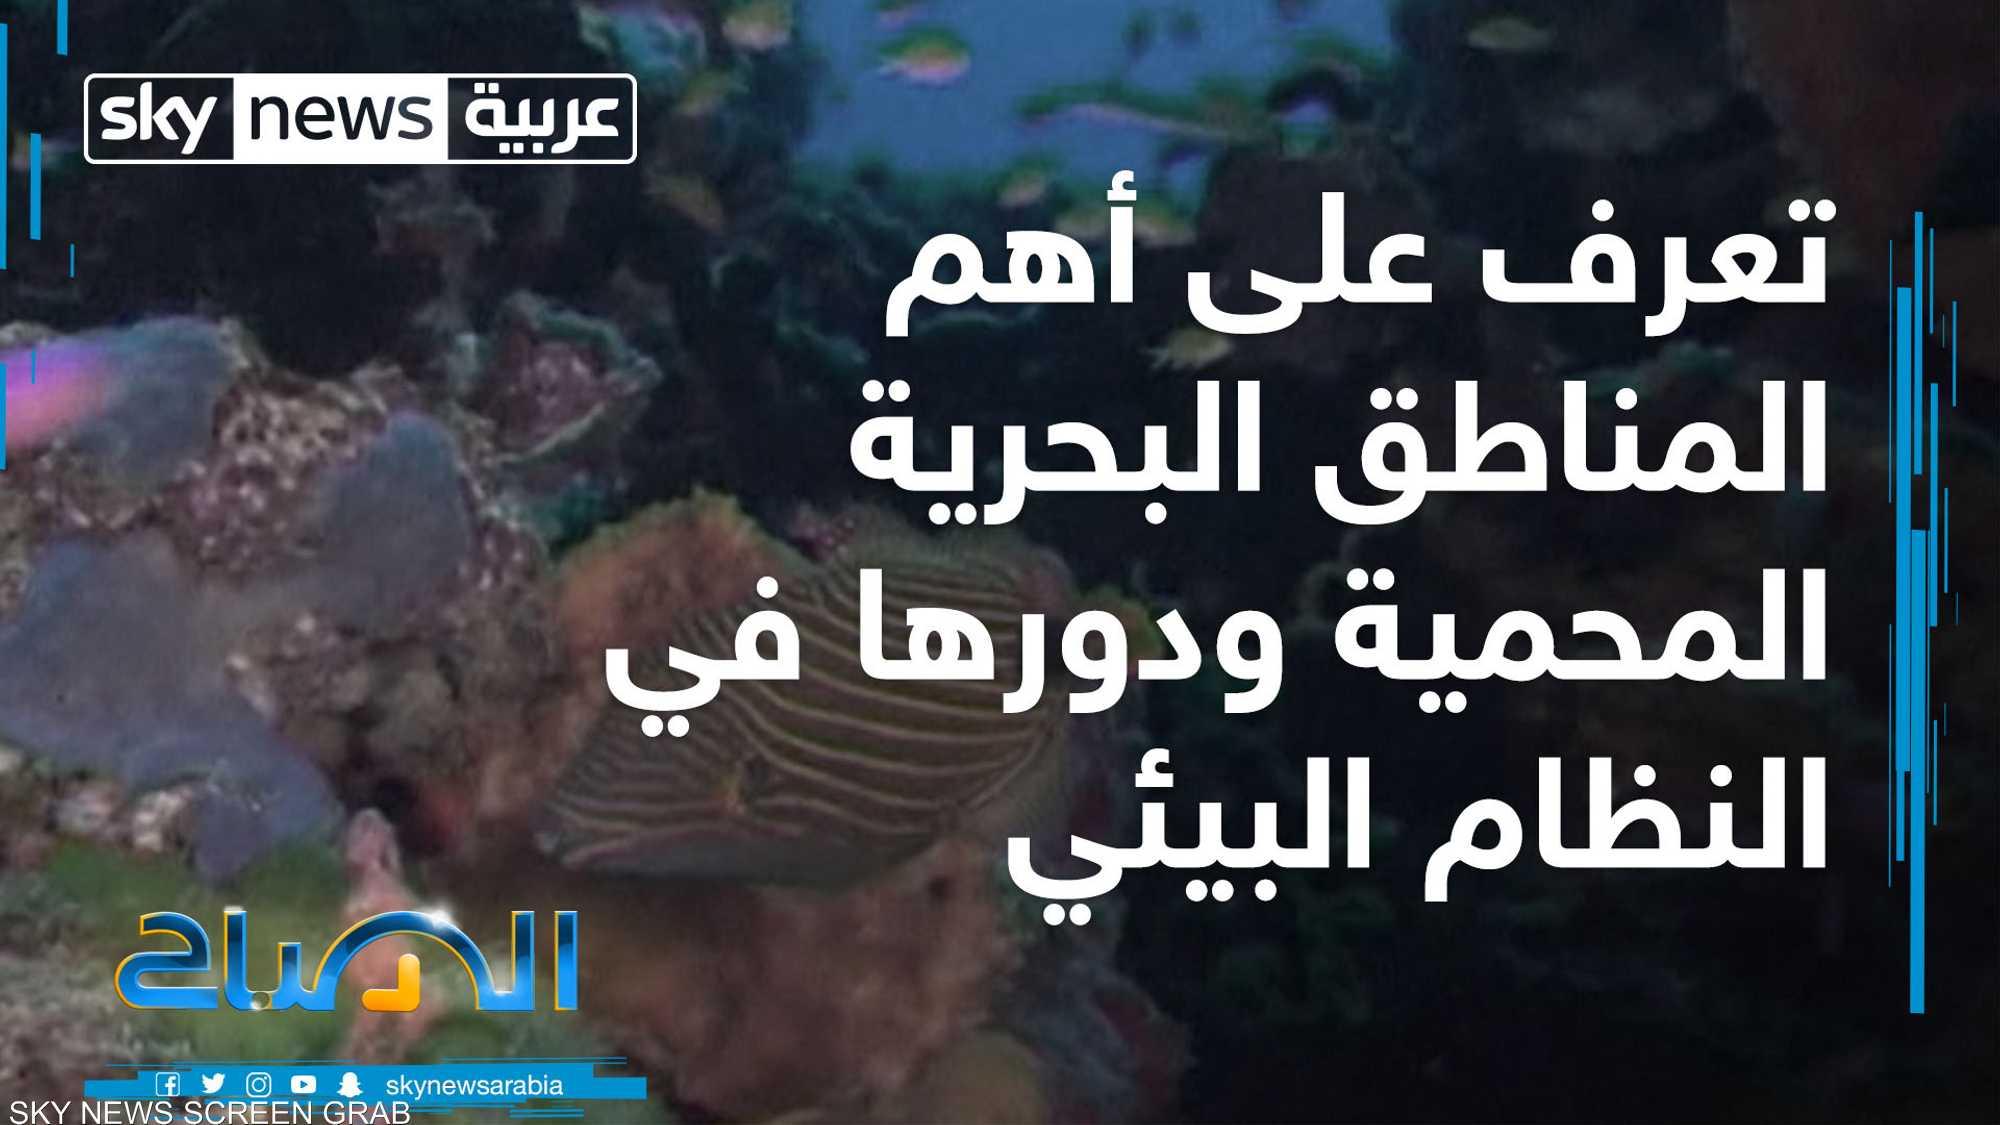 المناطق البحرية المحمية.. ودورها في النظام البيئي